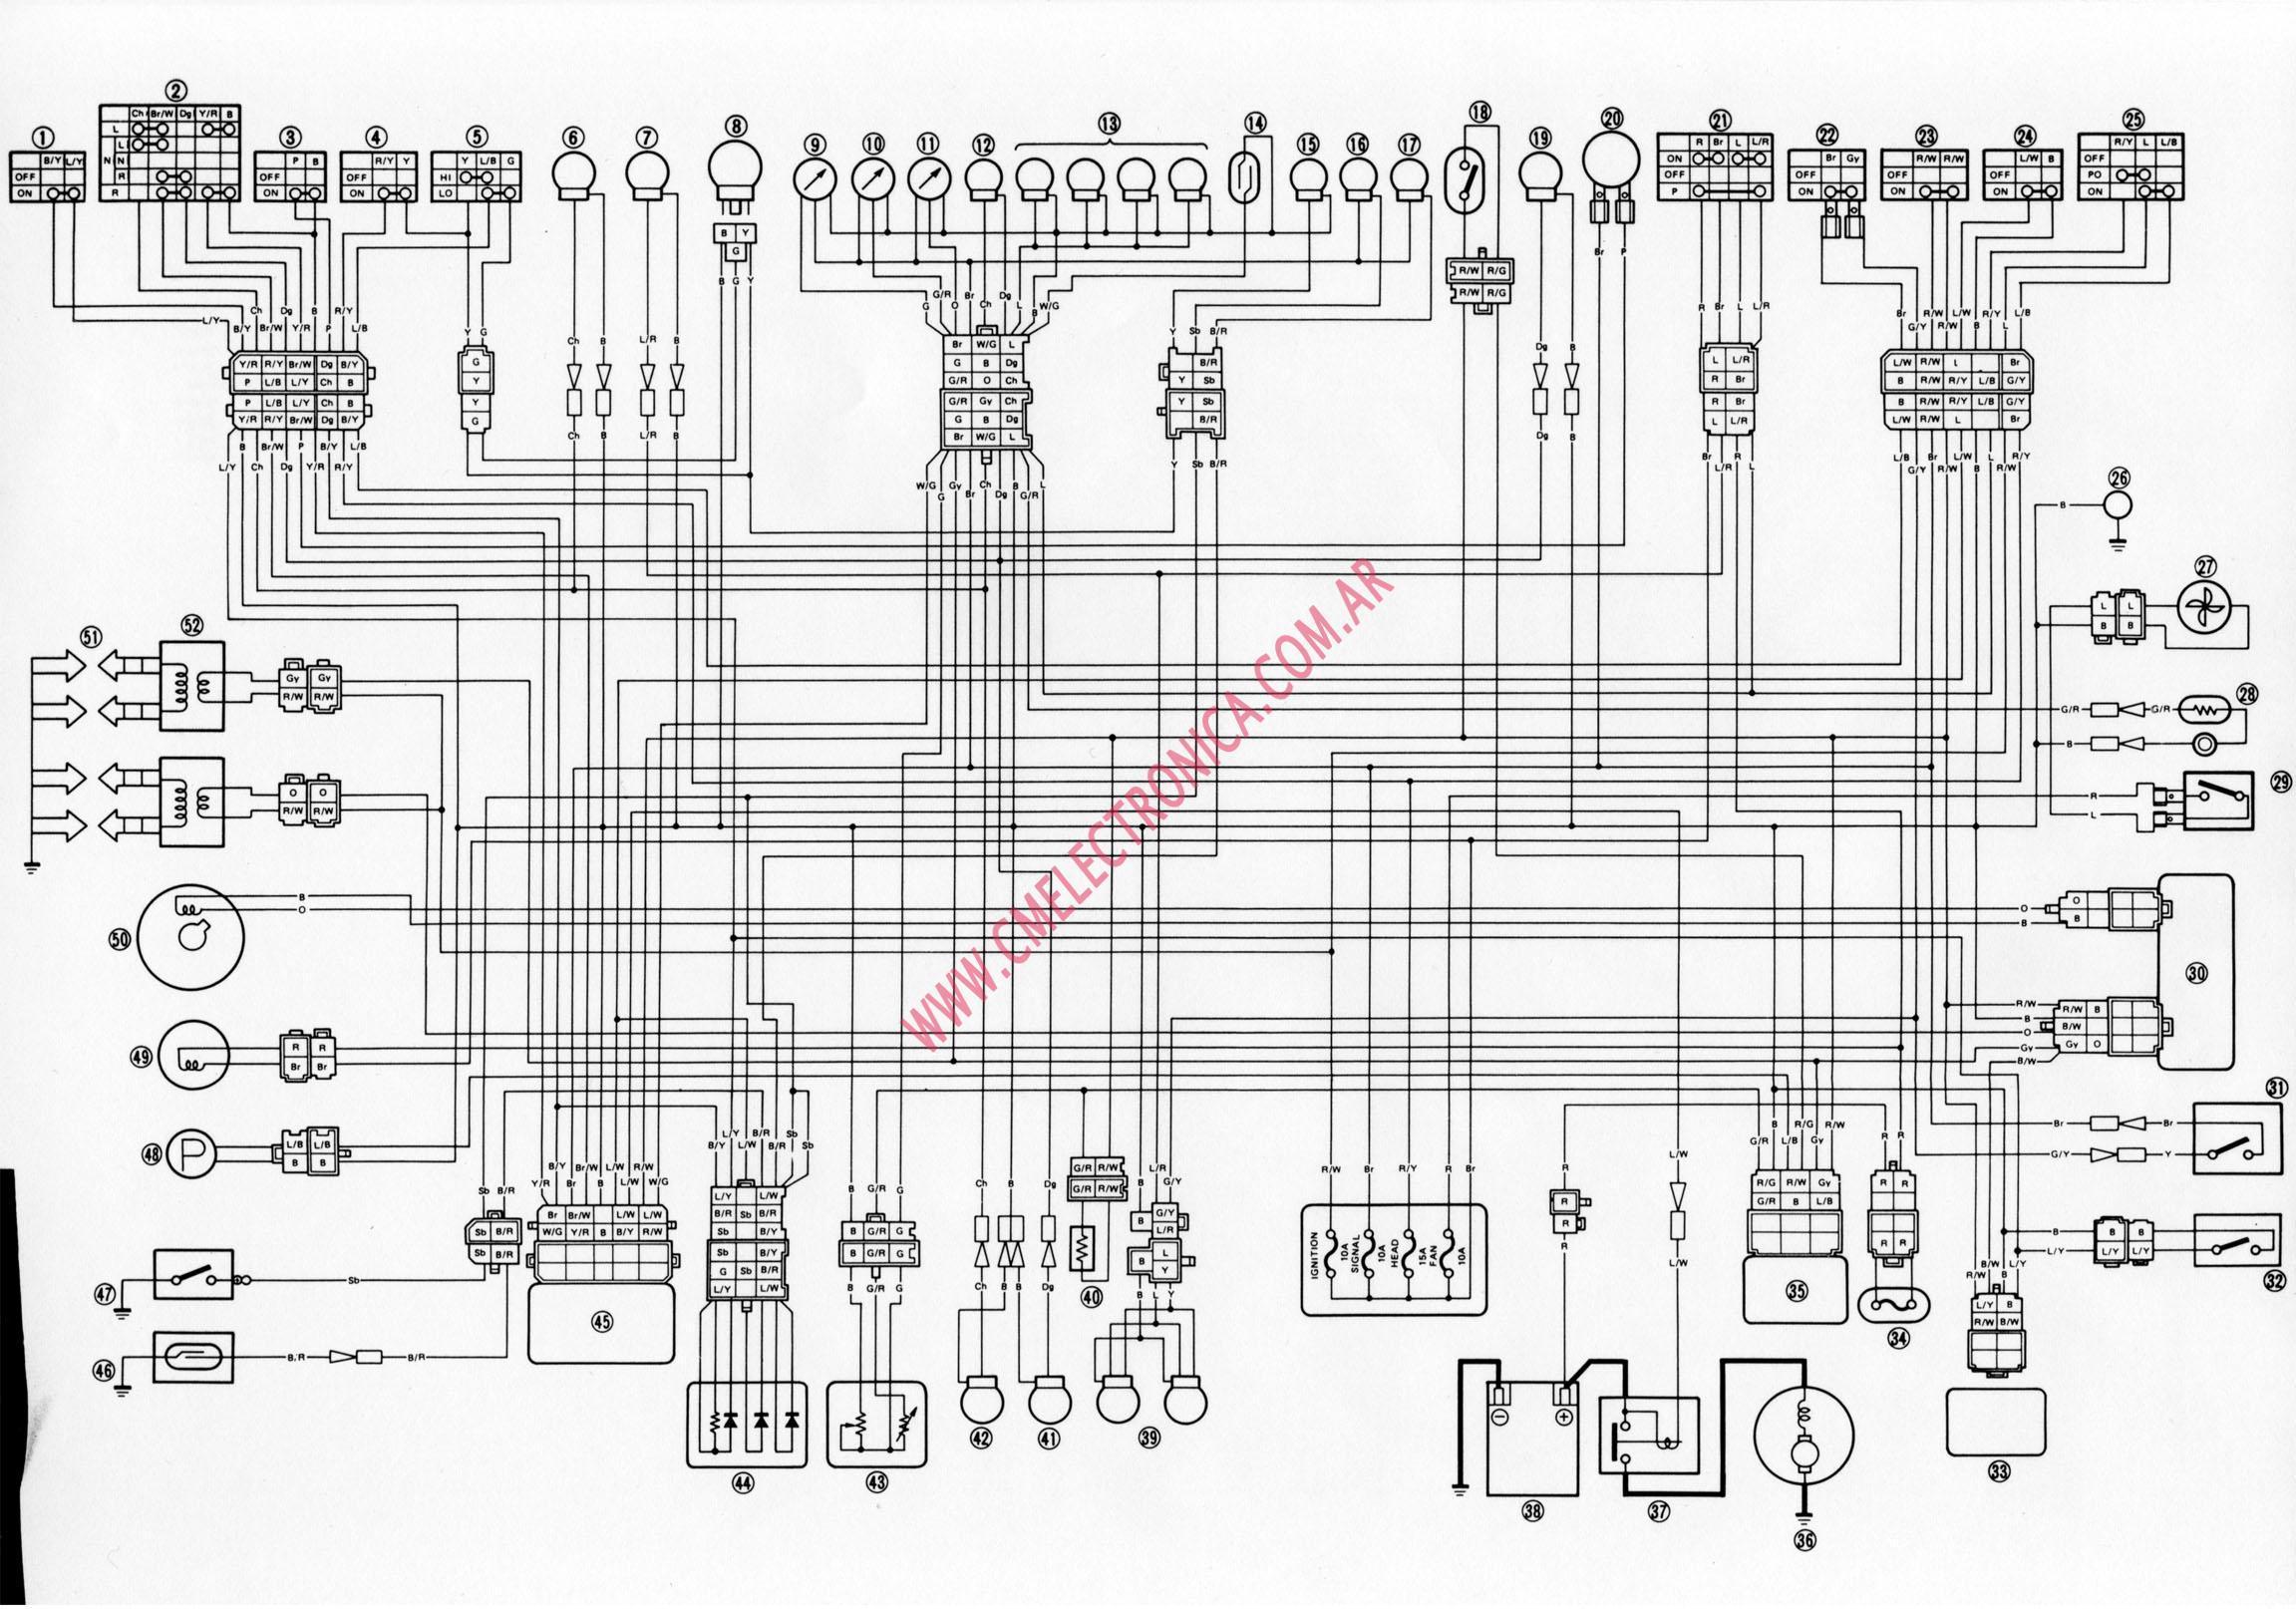 Yamaha Yzf 750 Wiring Diagram - Wiring Diagram